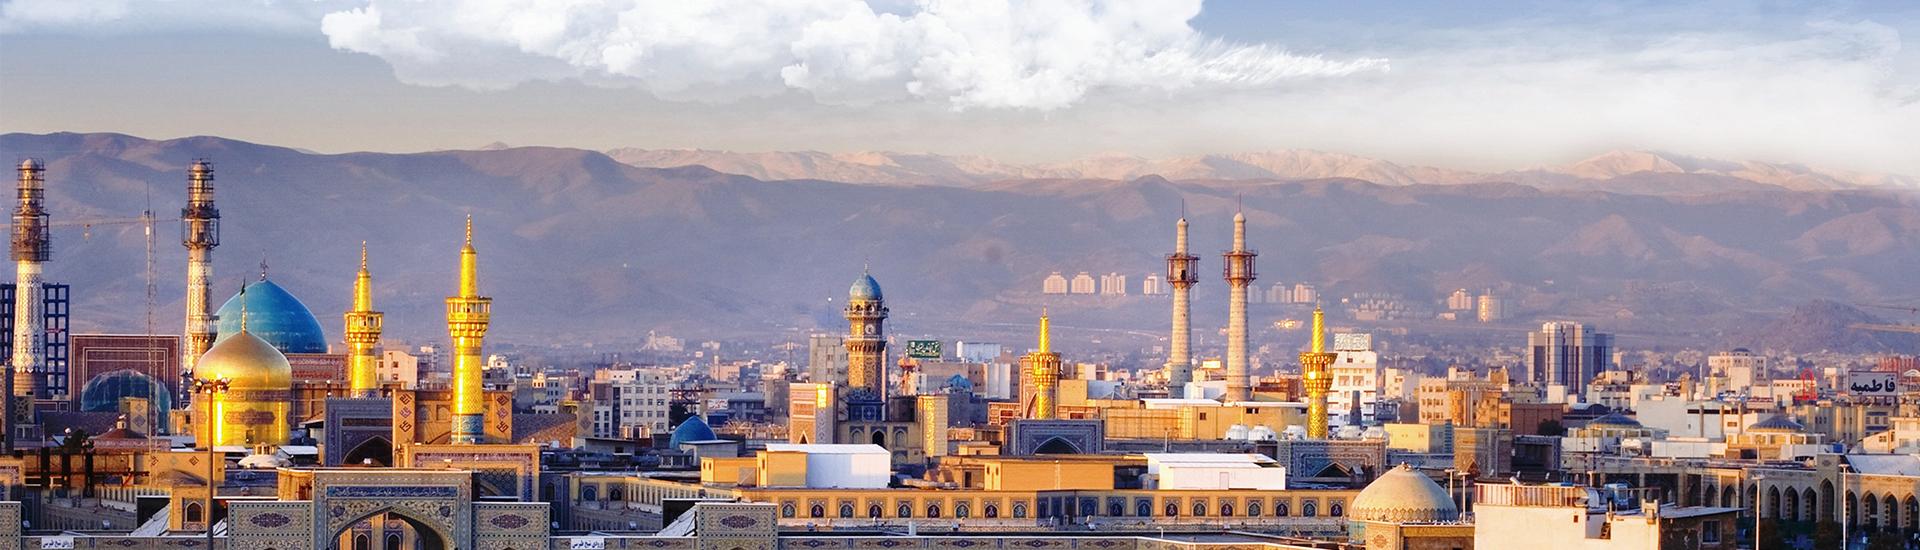 رزرو سوئیت مبله در مشهد | اسکان ثامن